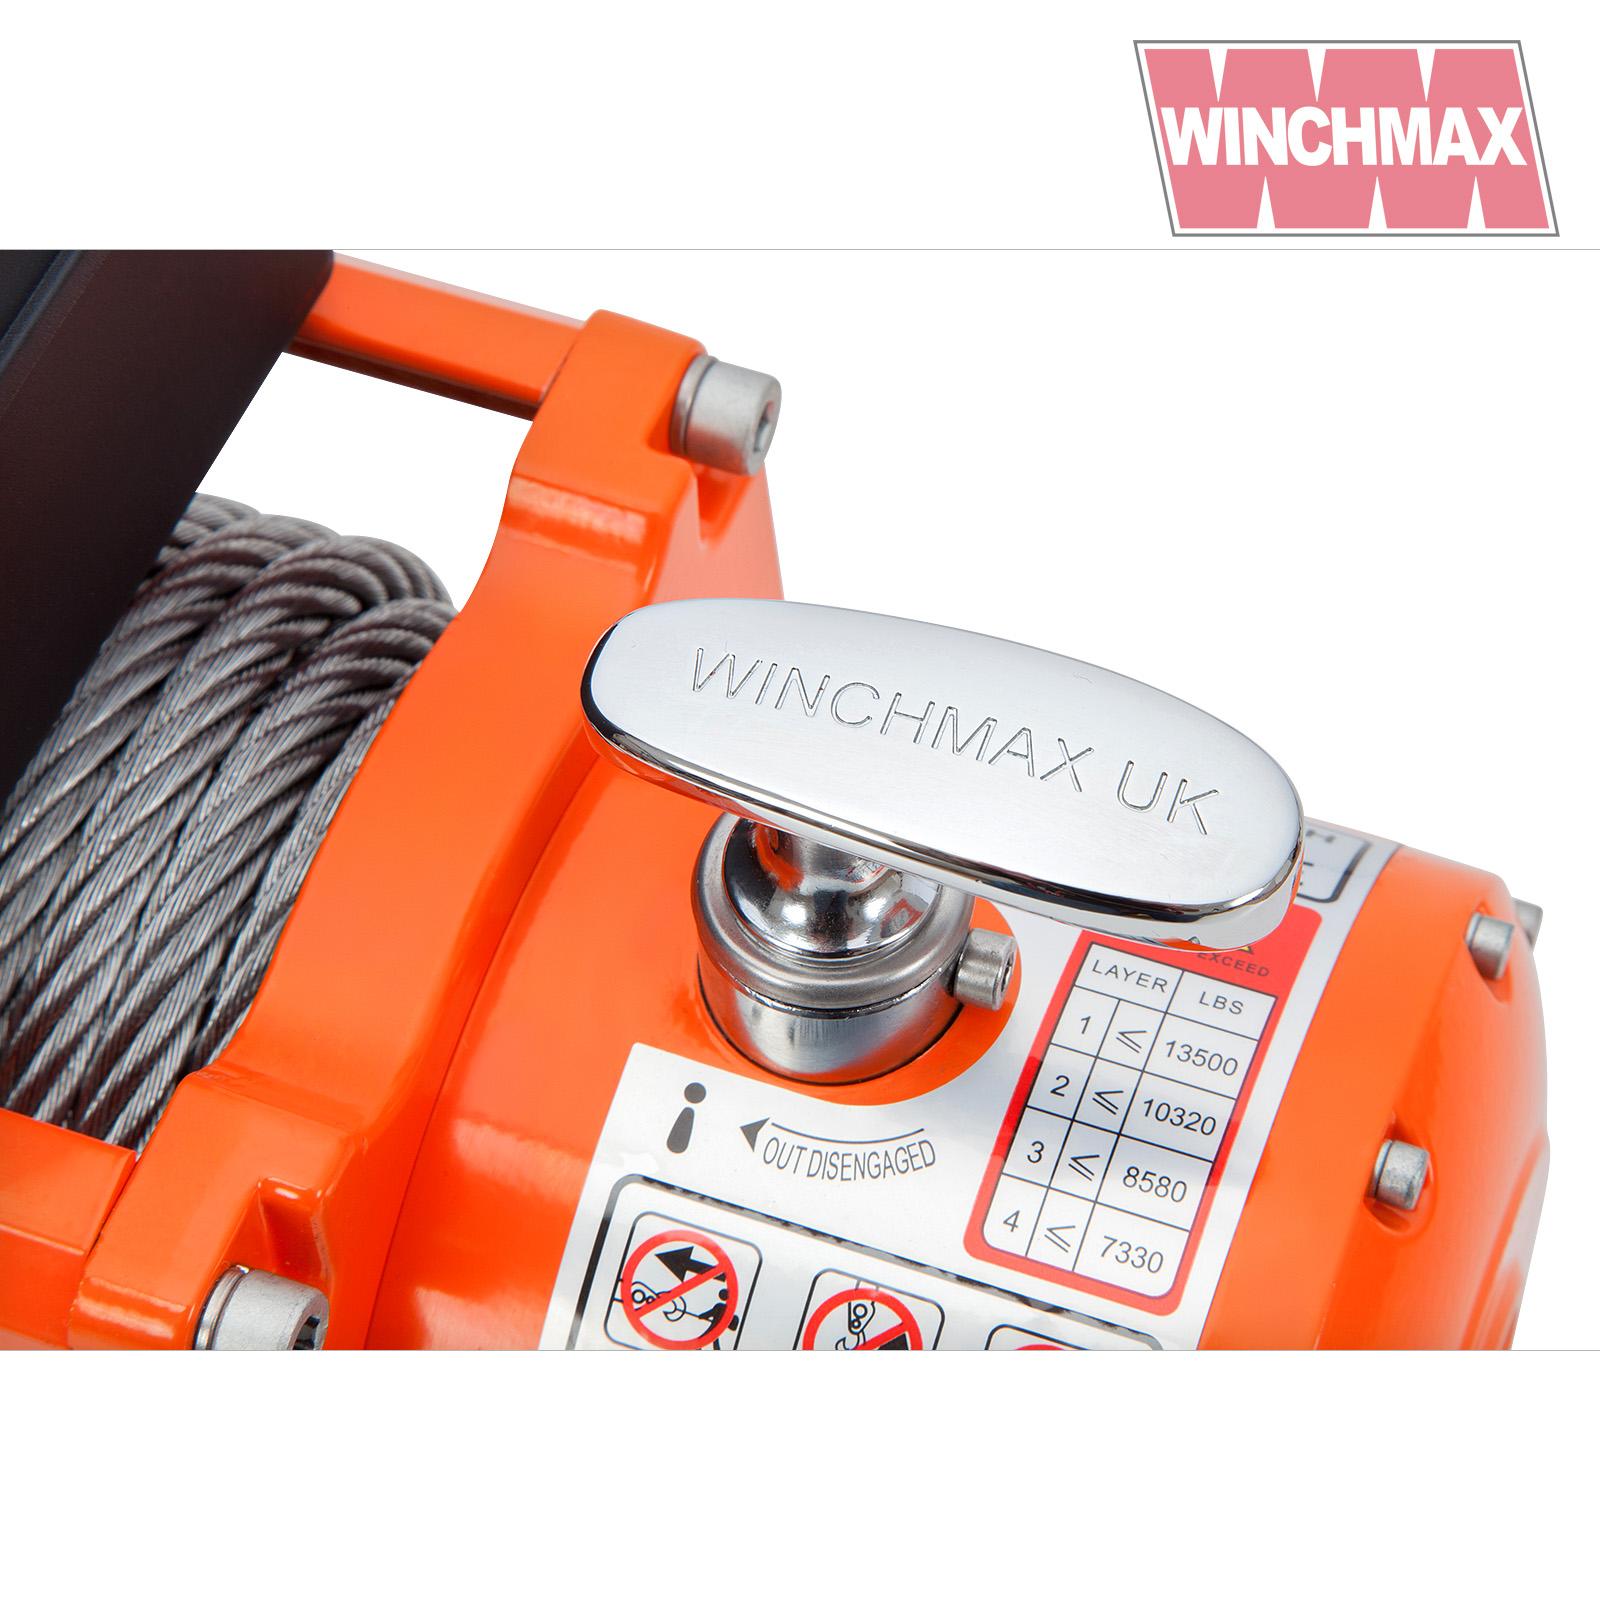 Wm1350024vr winchmax 09